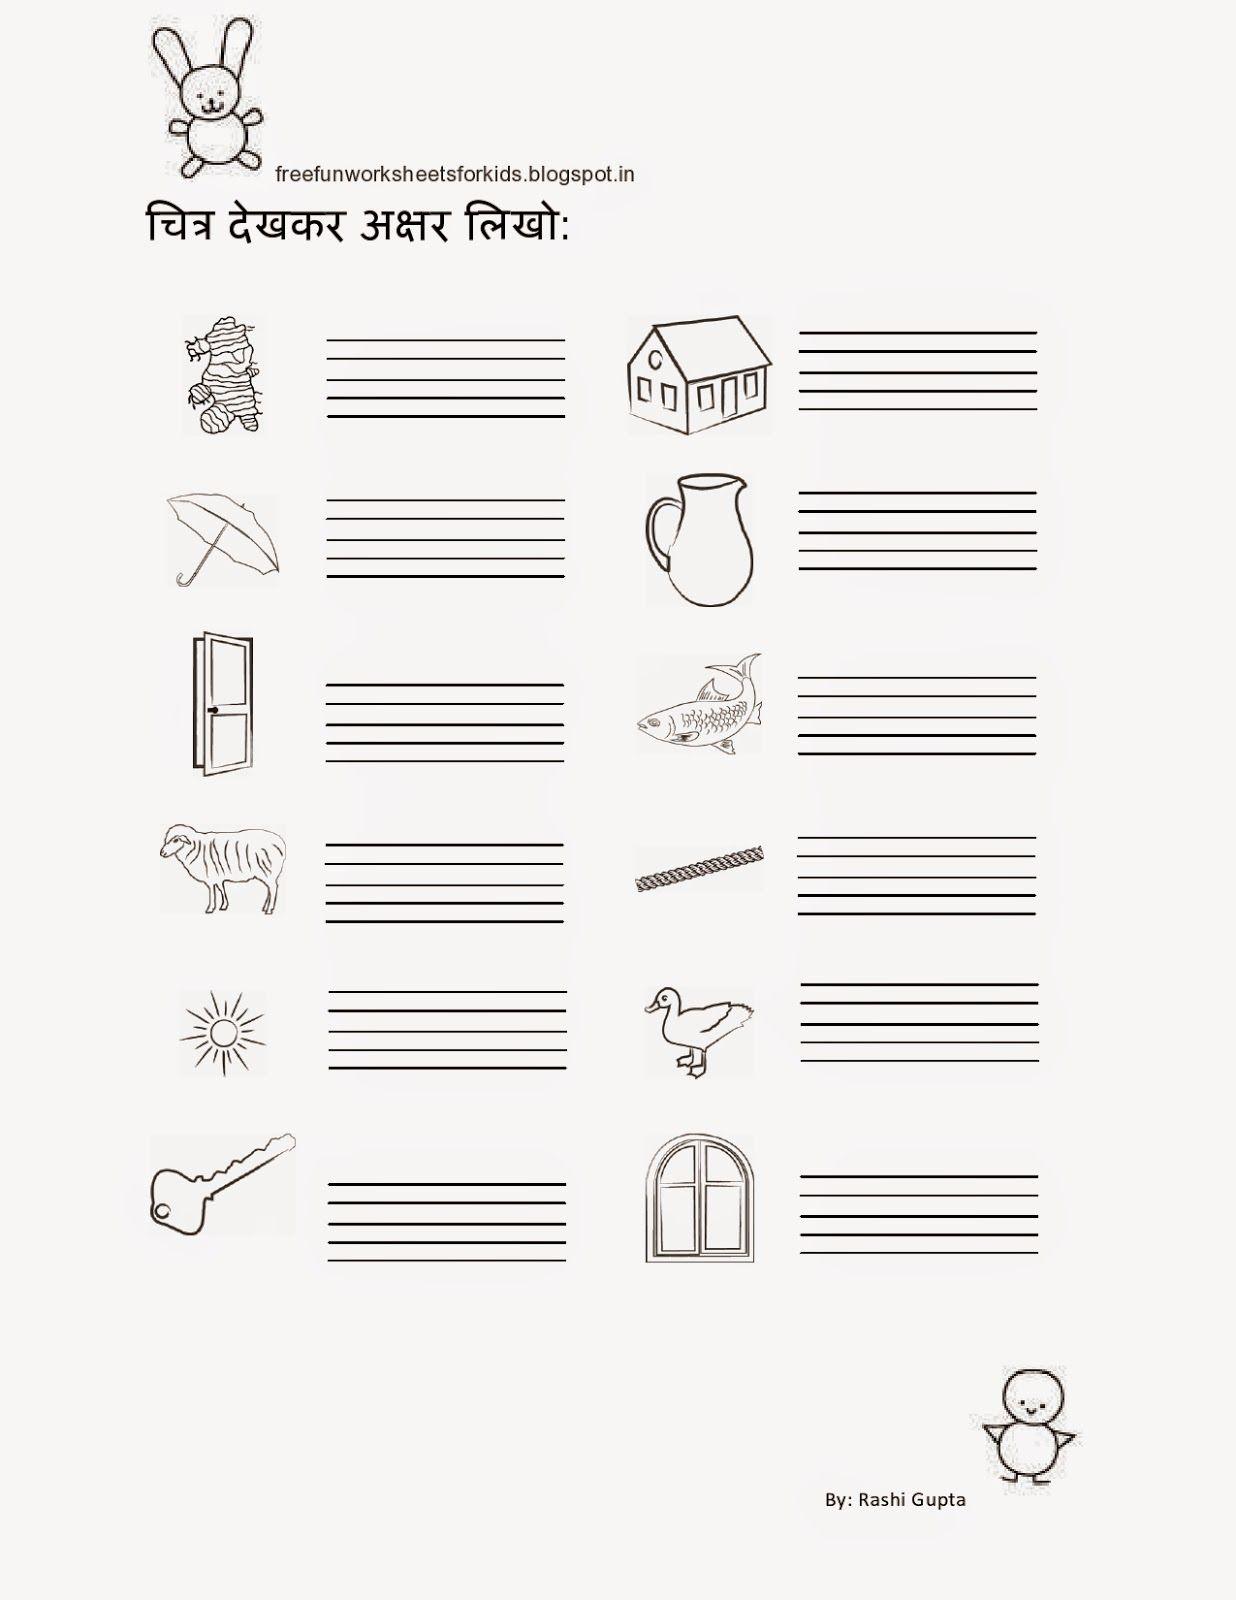 Free Fun Worksheets For Kids Free Printable Fun Hindi